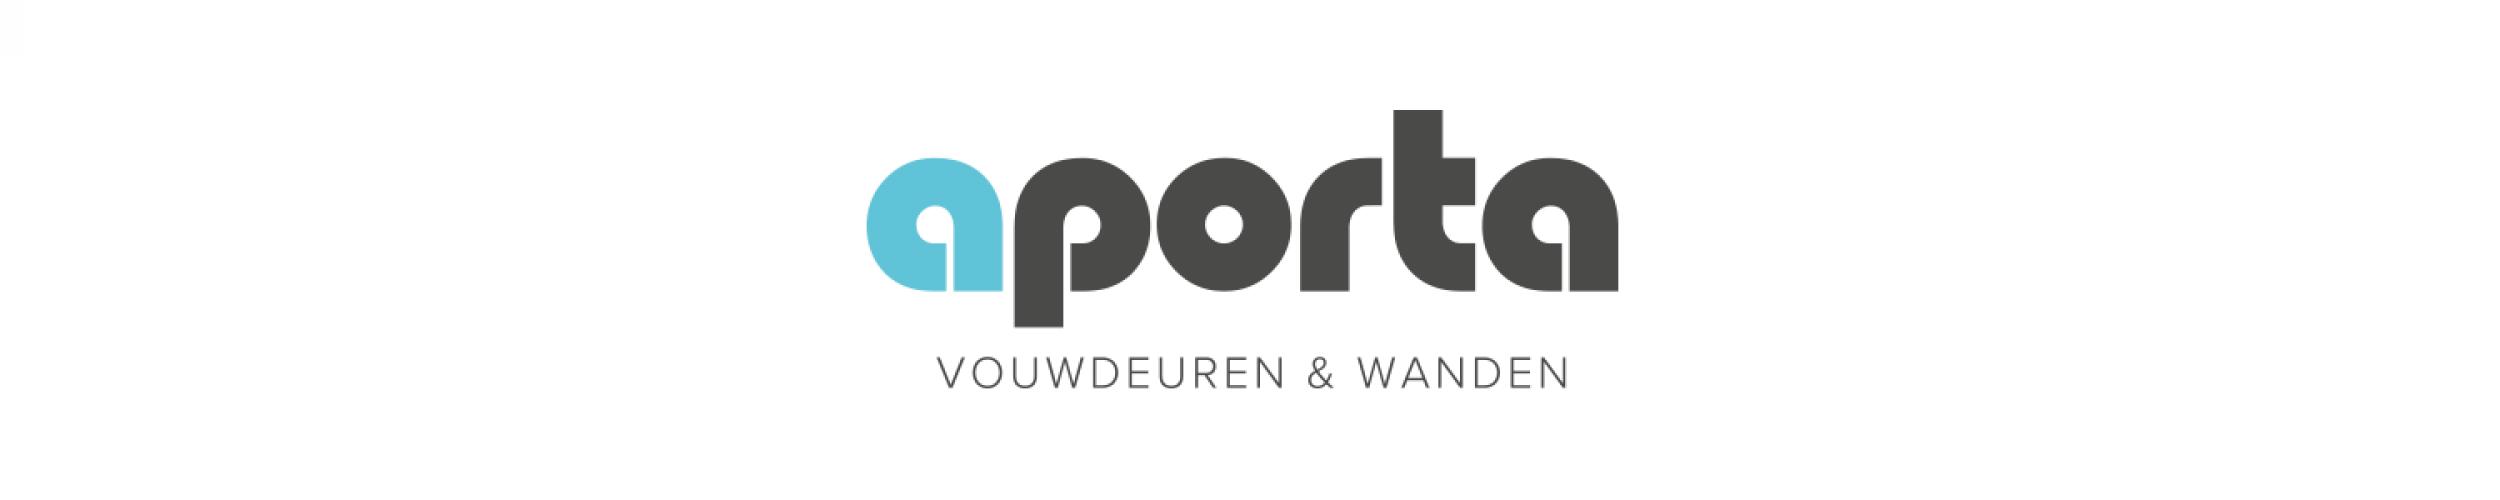 APORTA VOUWDEUREN & WANDEN